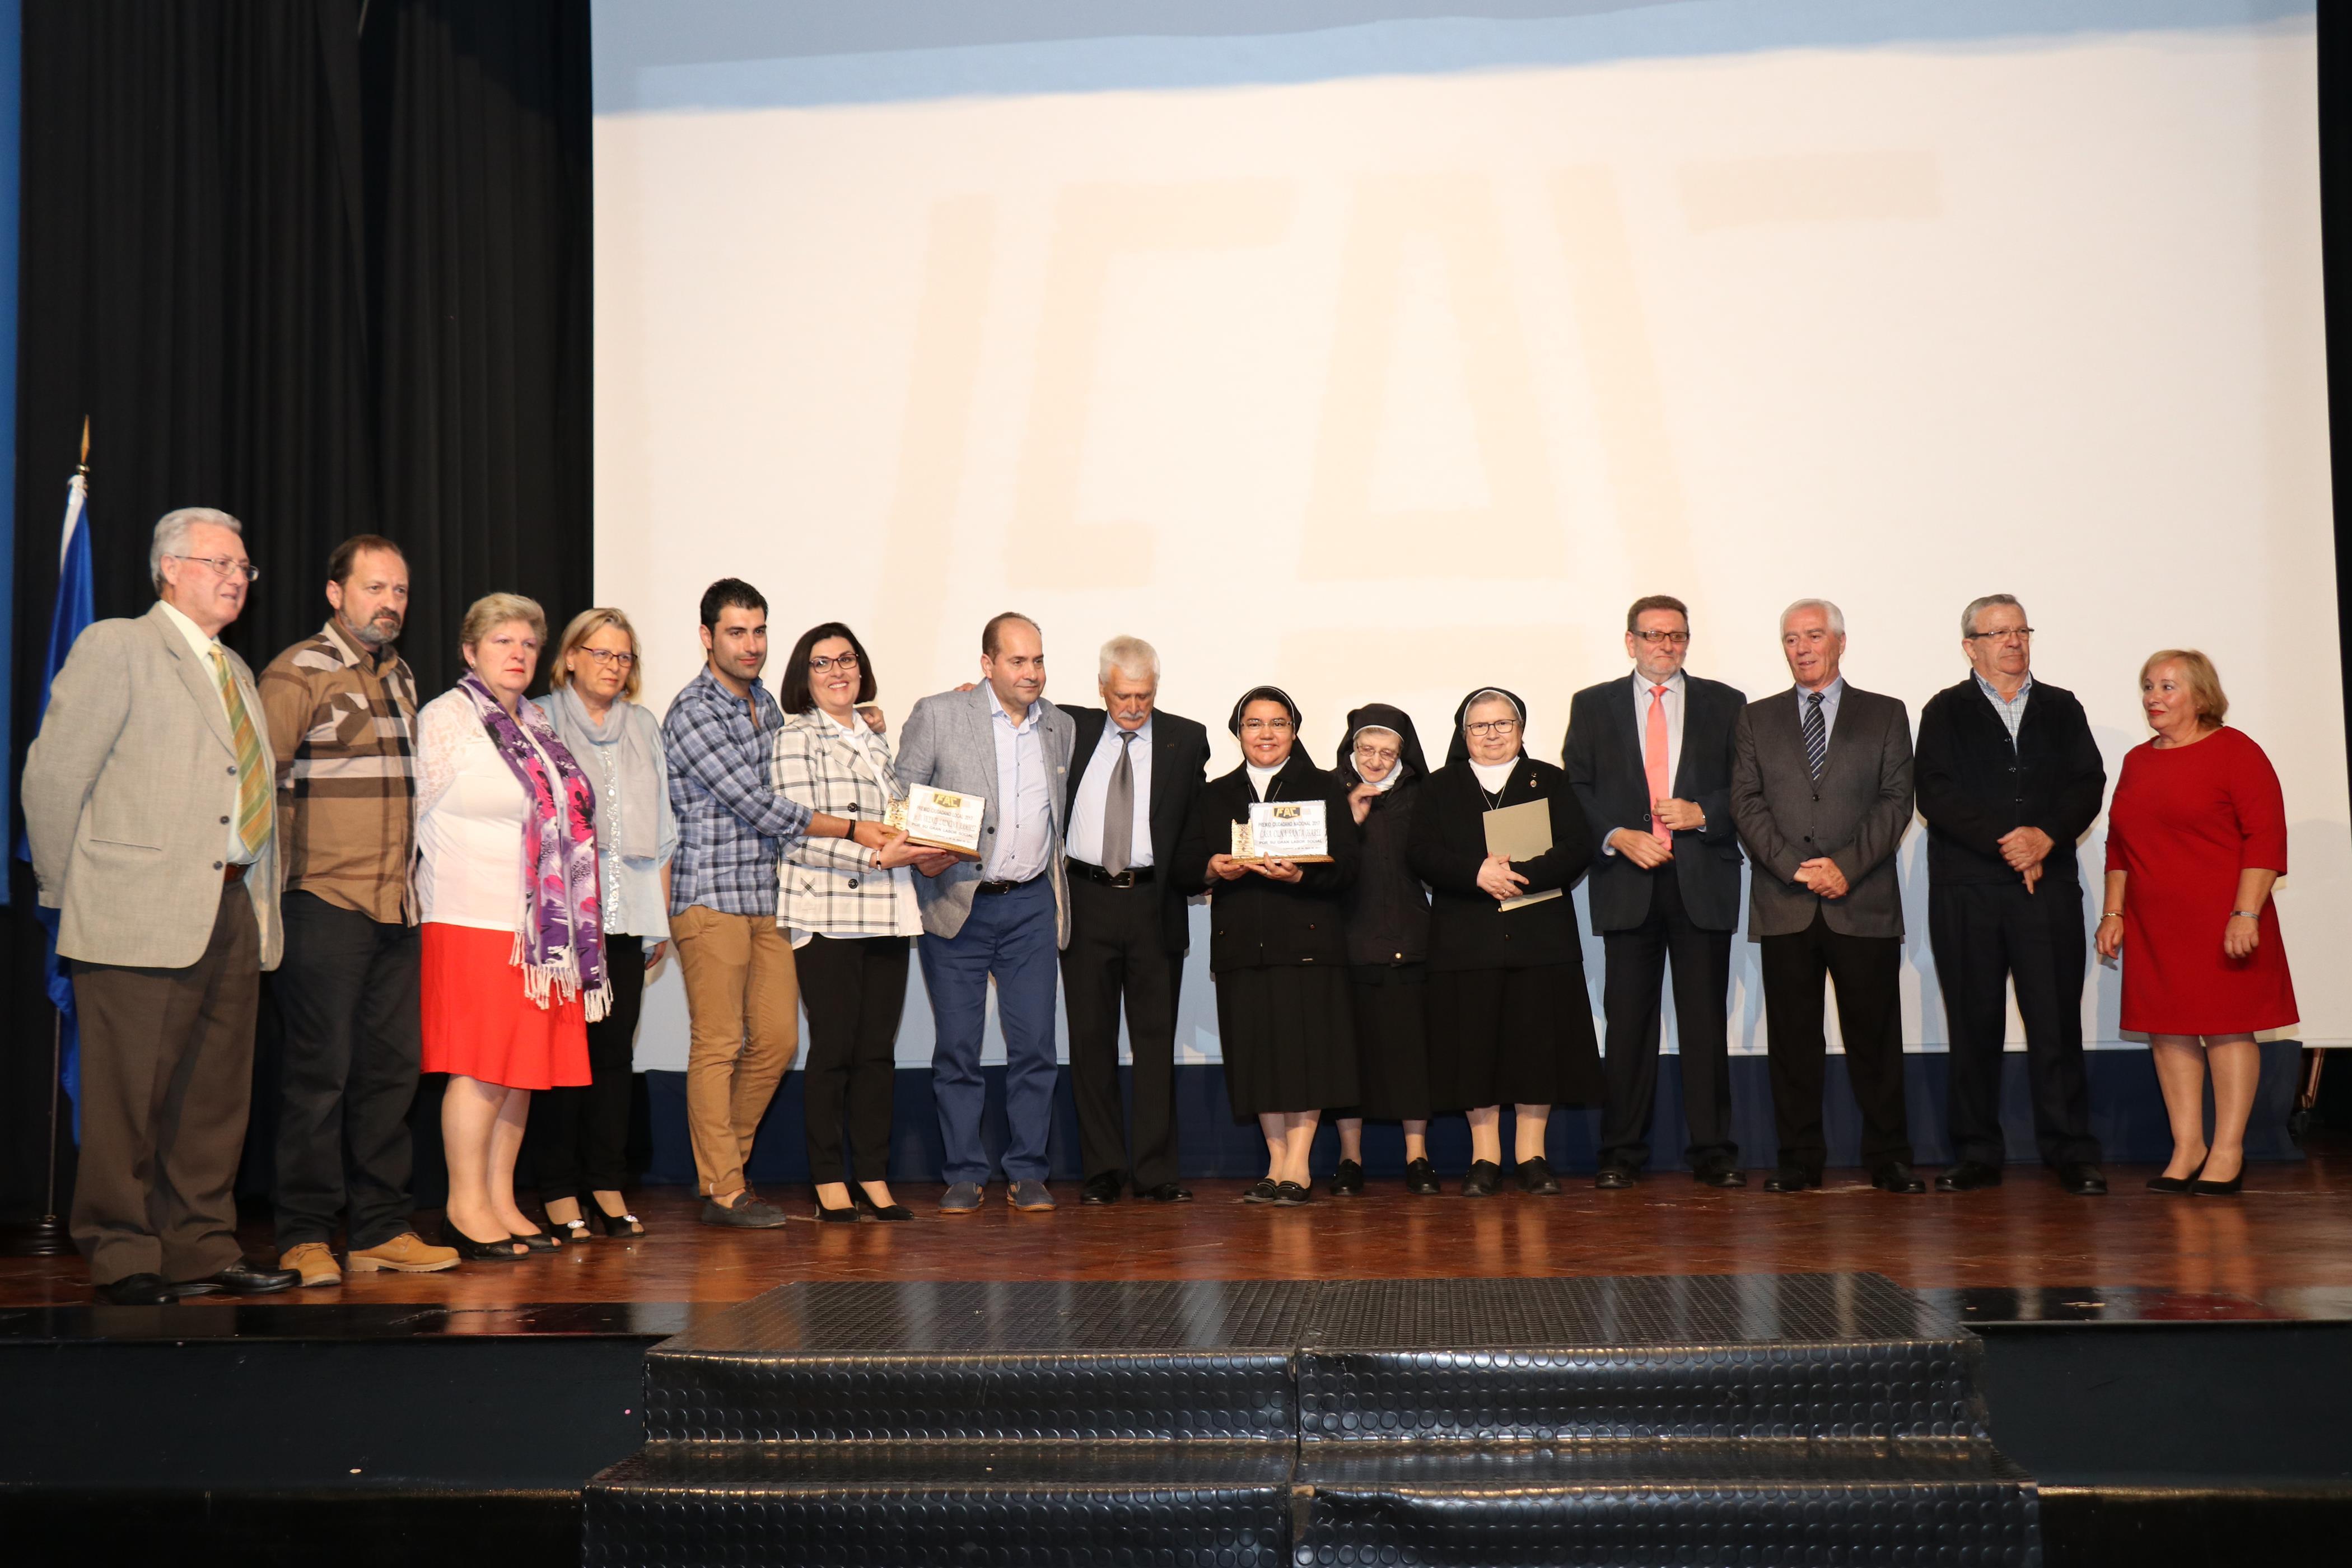 La fac premia el trabajo y la solidaridad en los premios ciudadano 2017 torrent al d a - Canciones de cuna torrent ...